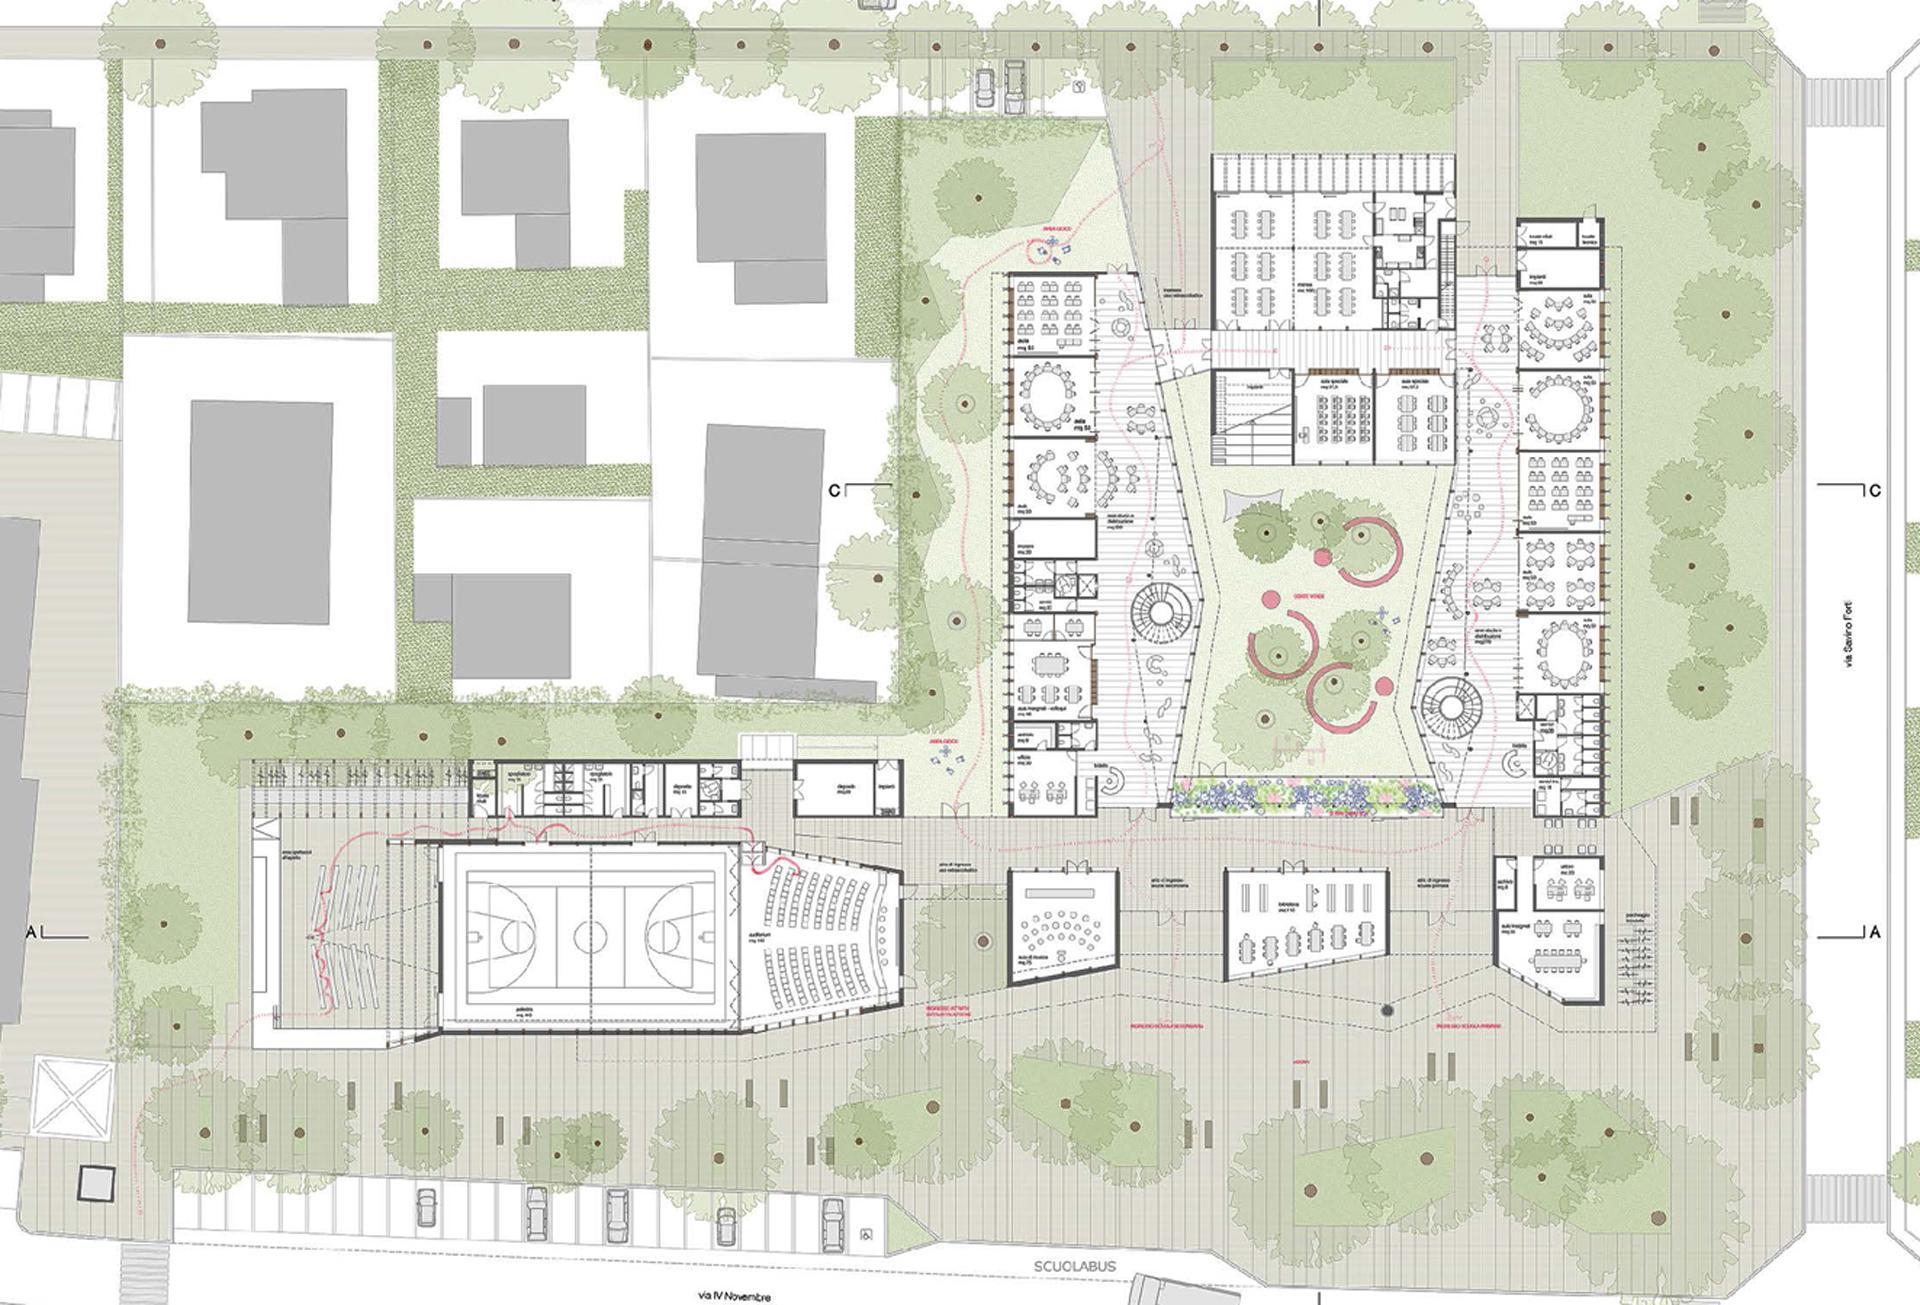 Planimetria del polo scolastico di Rovereto